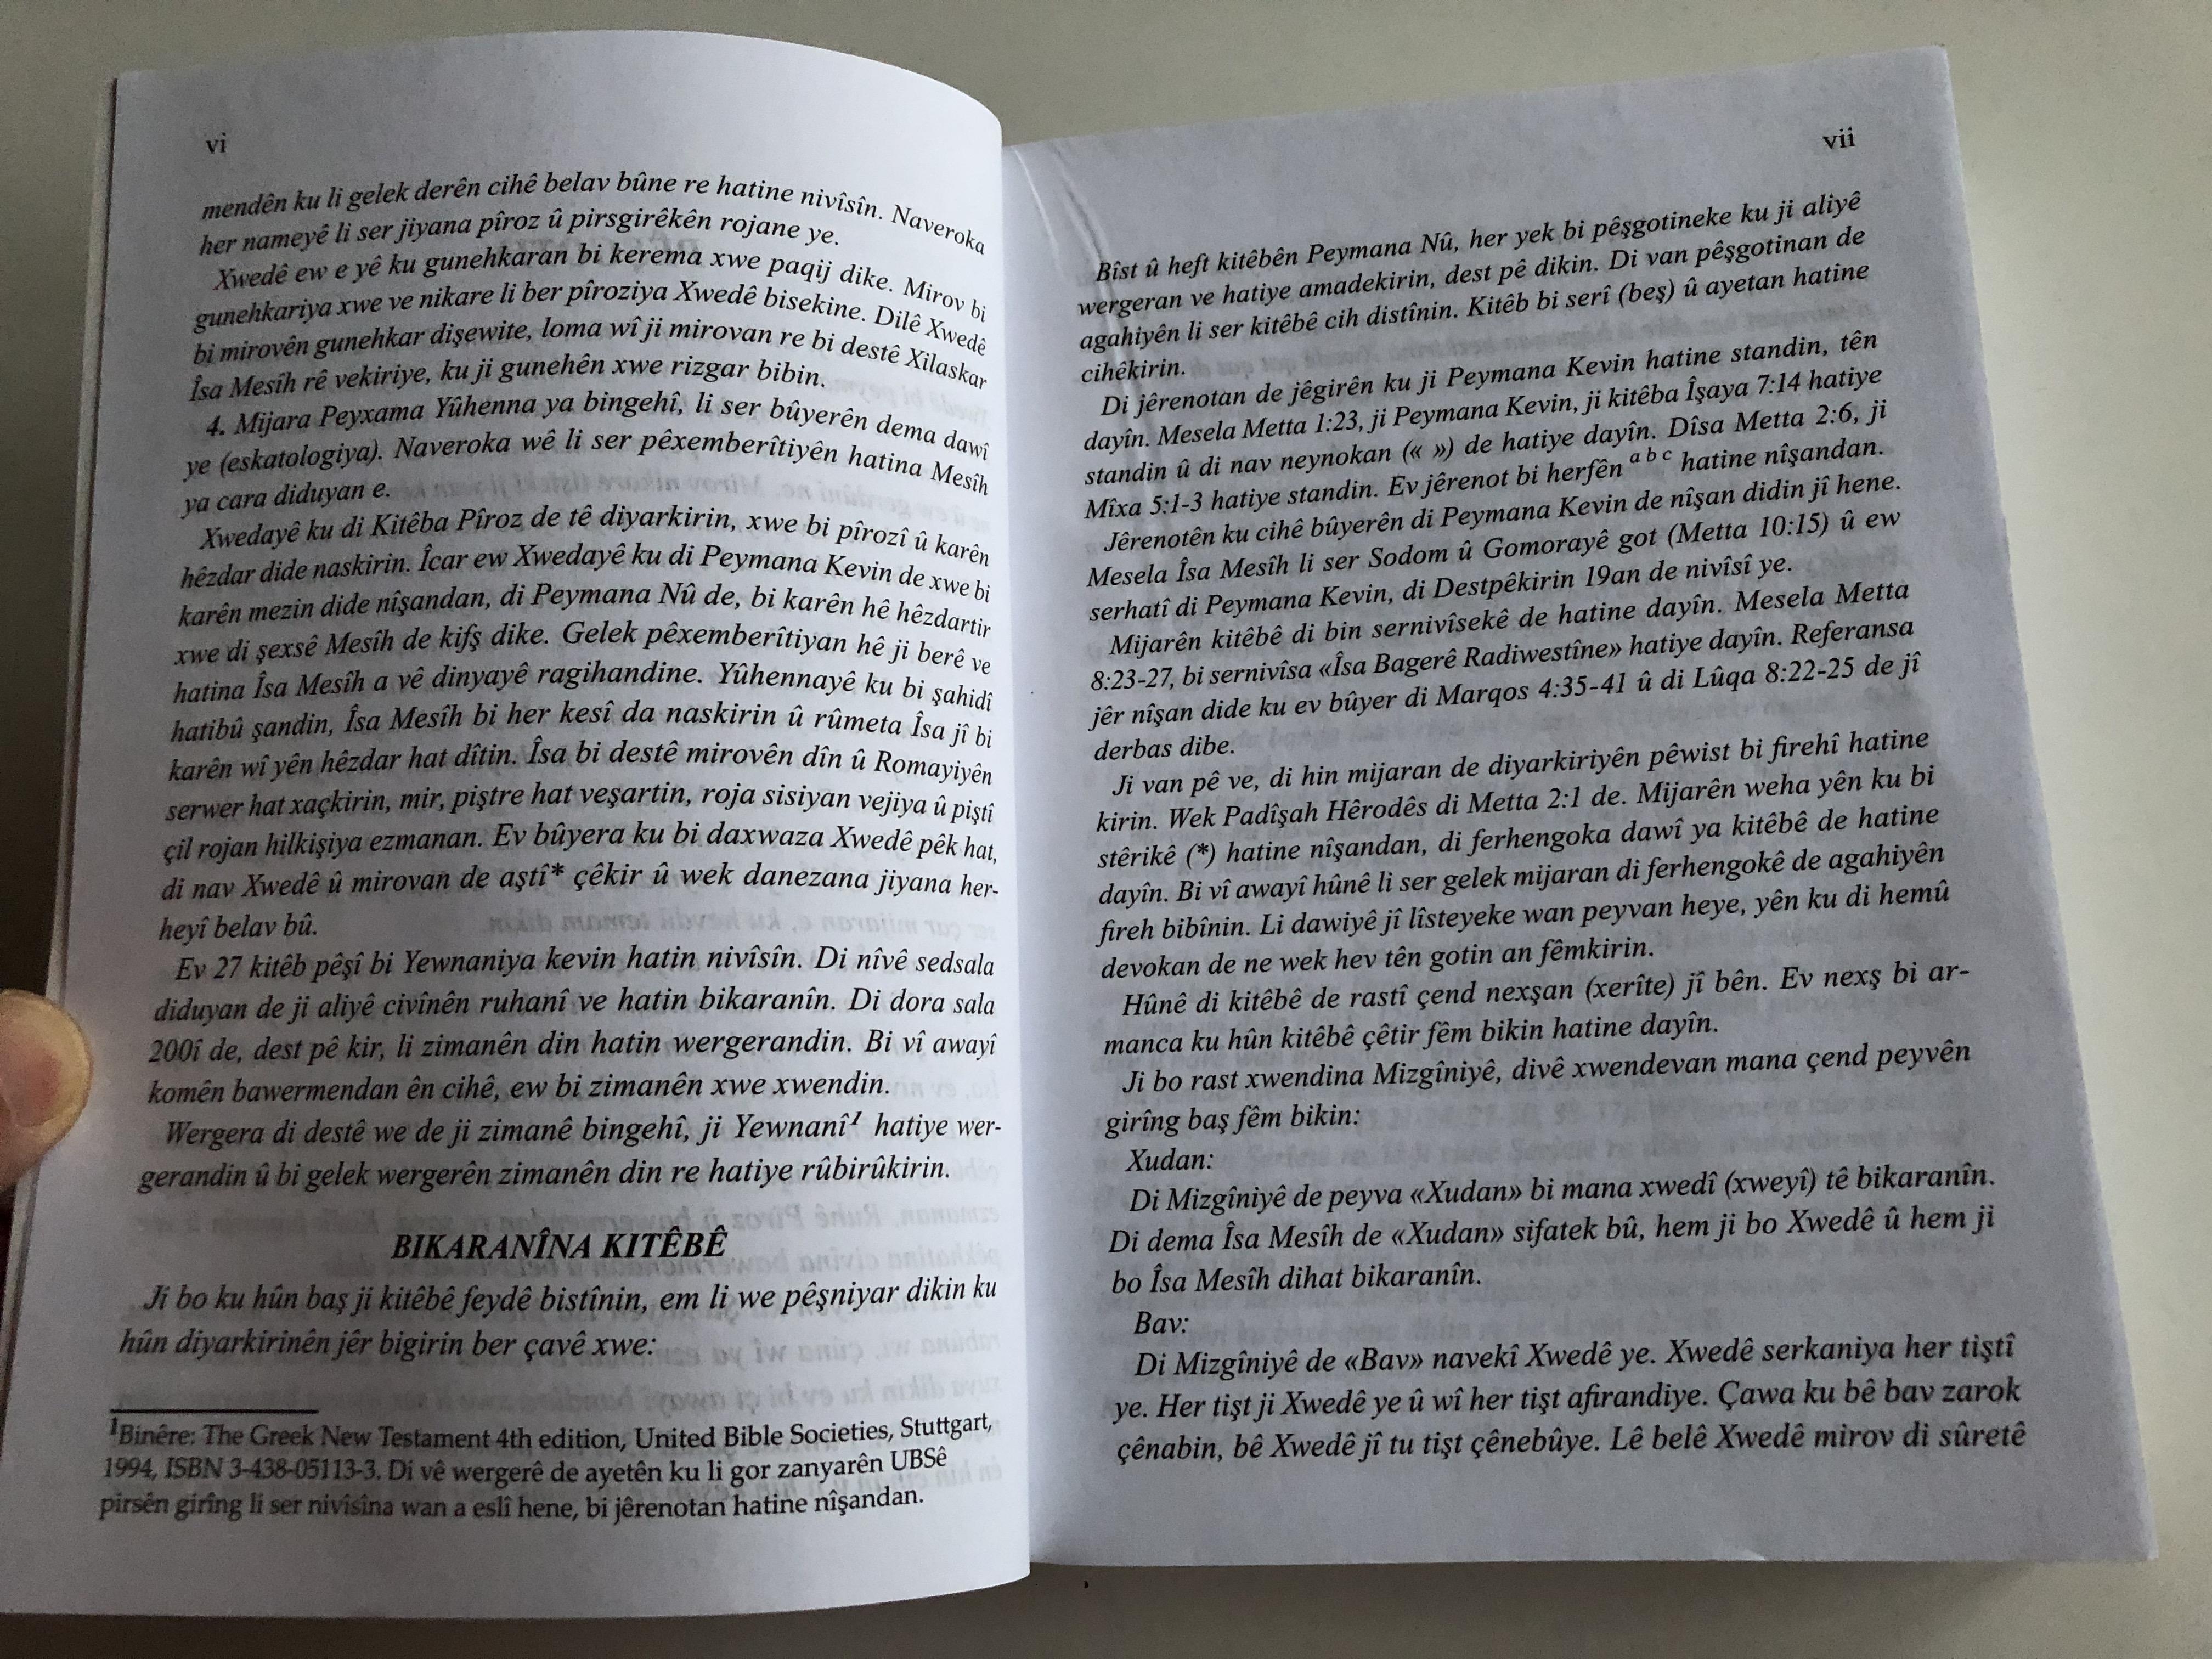 -nc-l-zeb-r-kurdish-new-testament-with-psalms-kurmanji-kitabi-mukaddes-sirketi-2015-5-.jpg